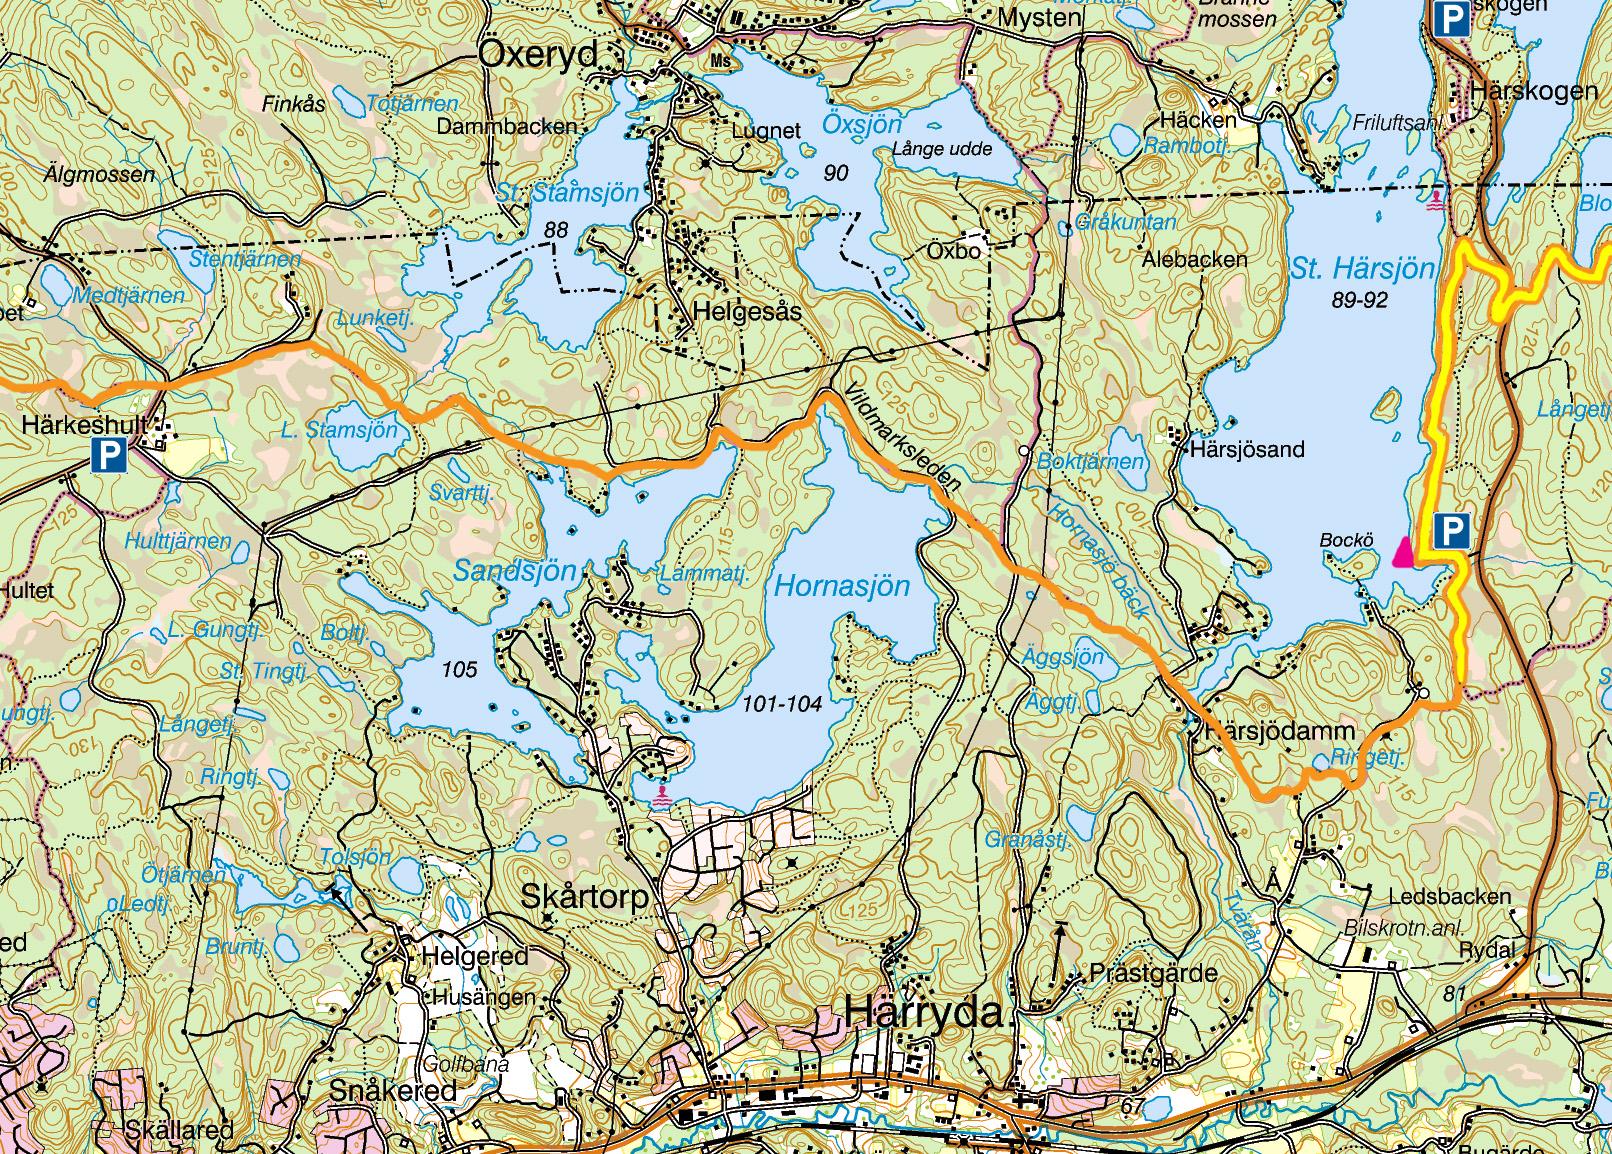 Karta Härkeshult - Härskogen